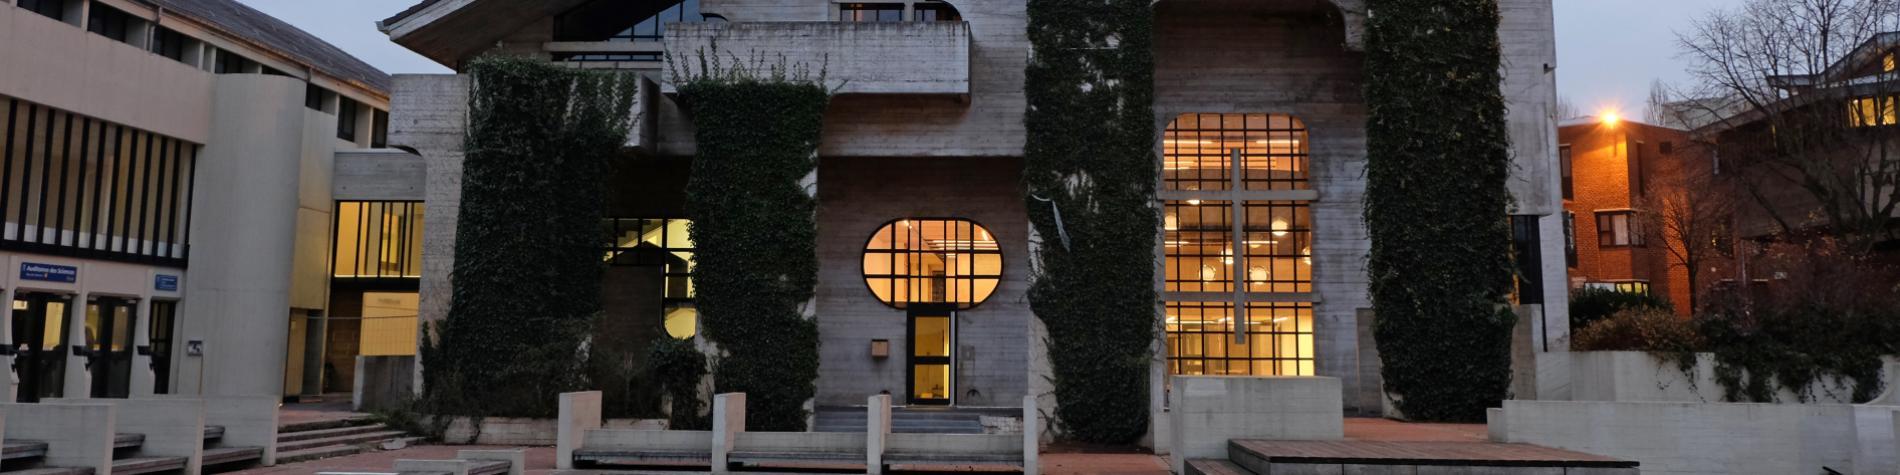 Musée L, vue d'extérieur